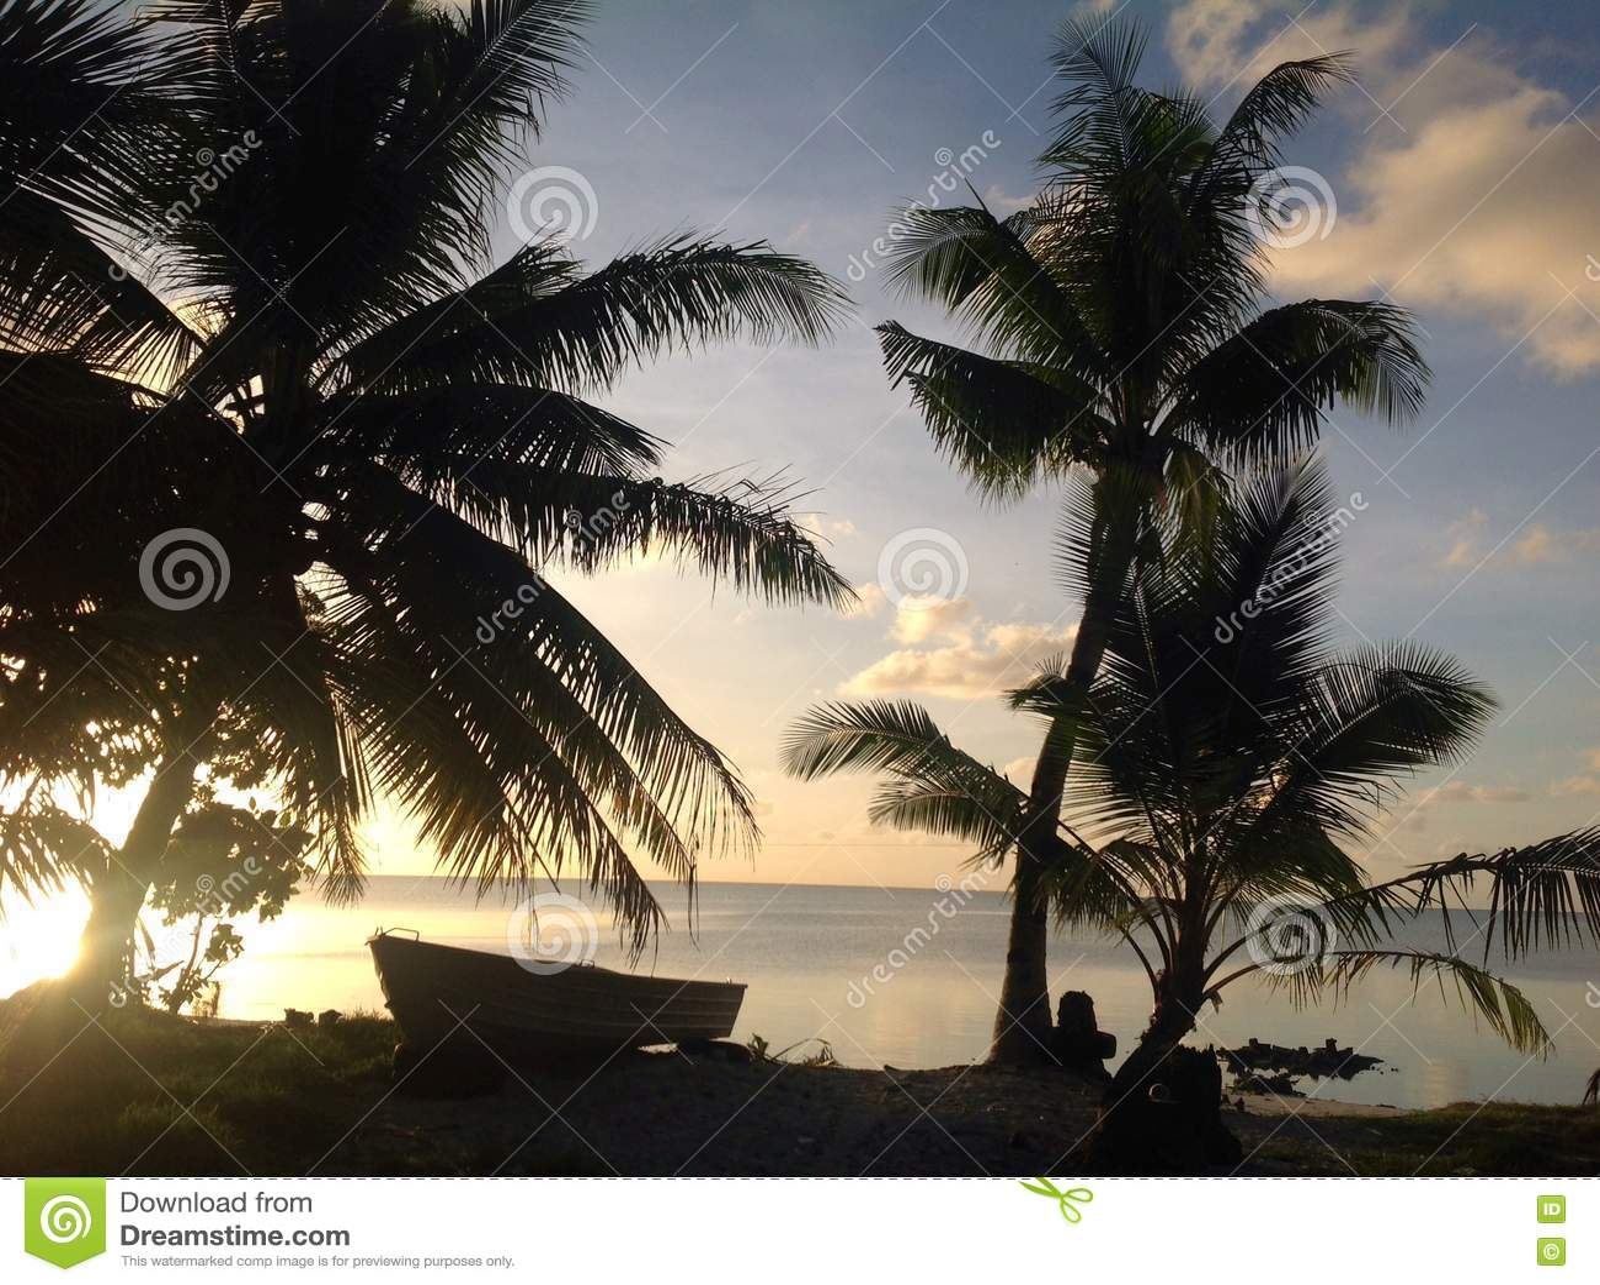 Tropische Szene in Fidschi mit Palmen im Sonnenuntergang durch den Ozean